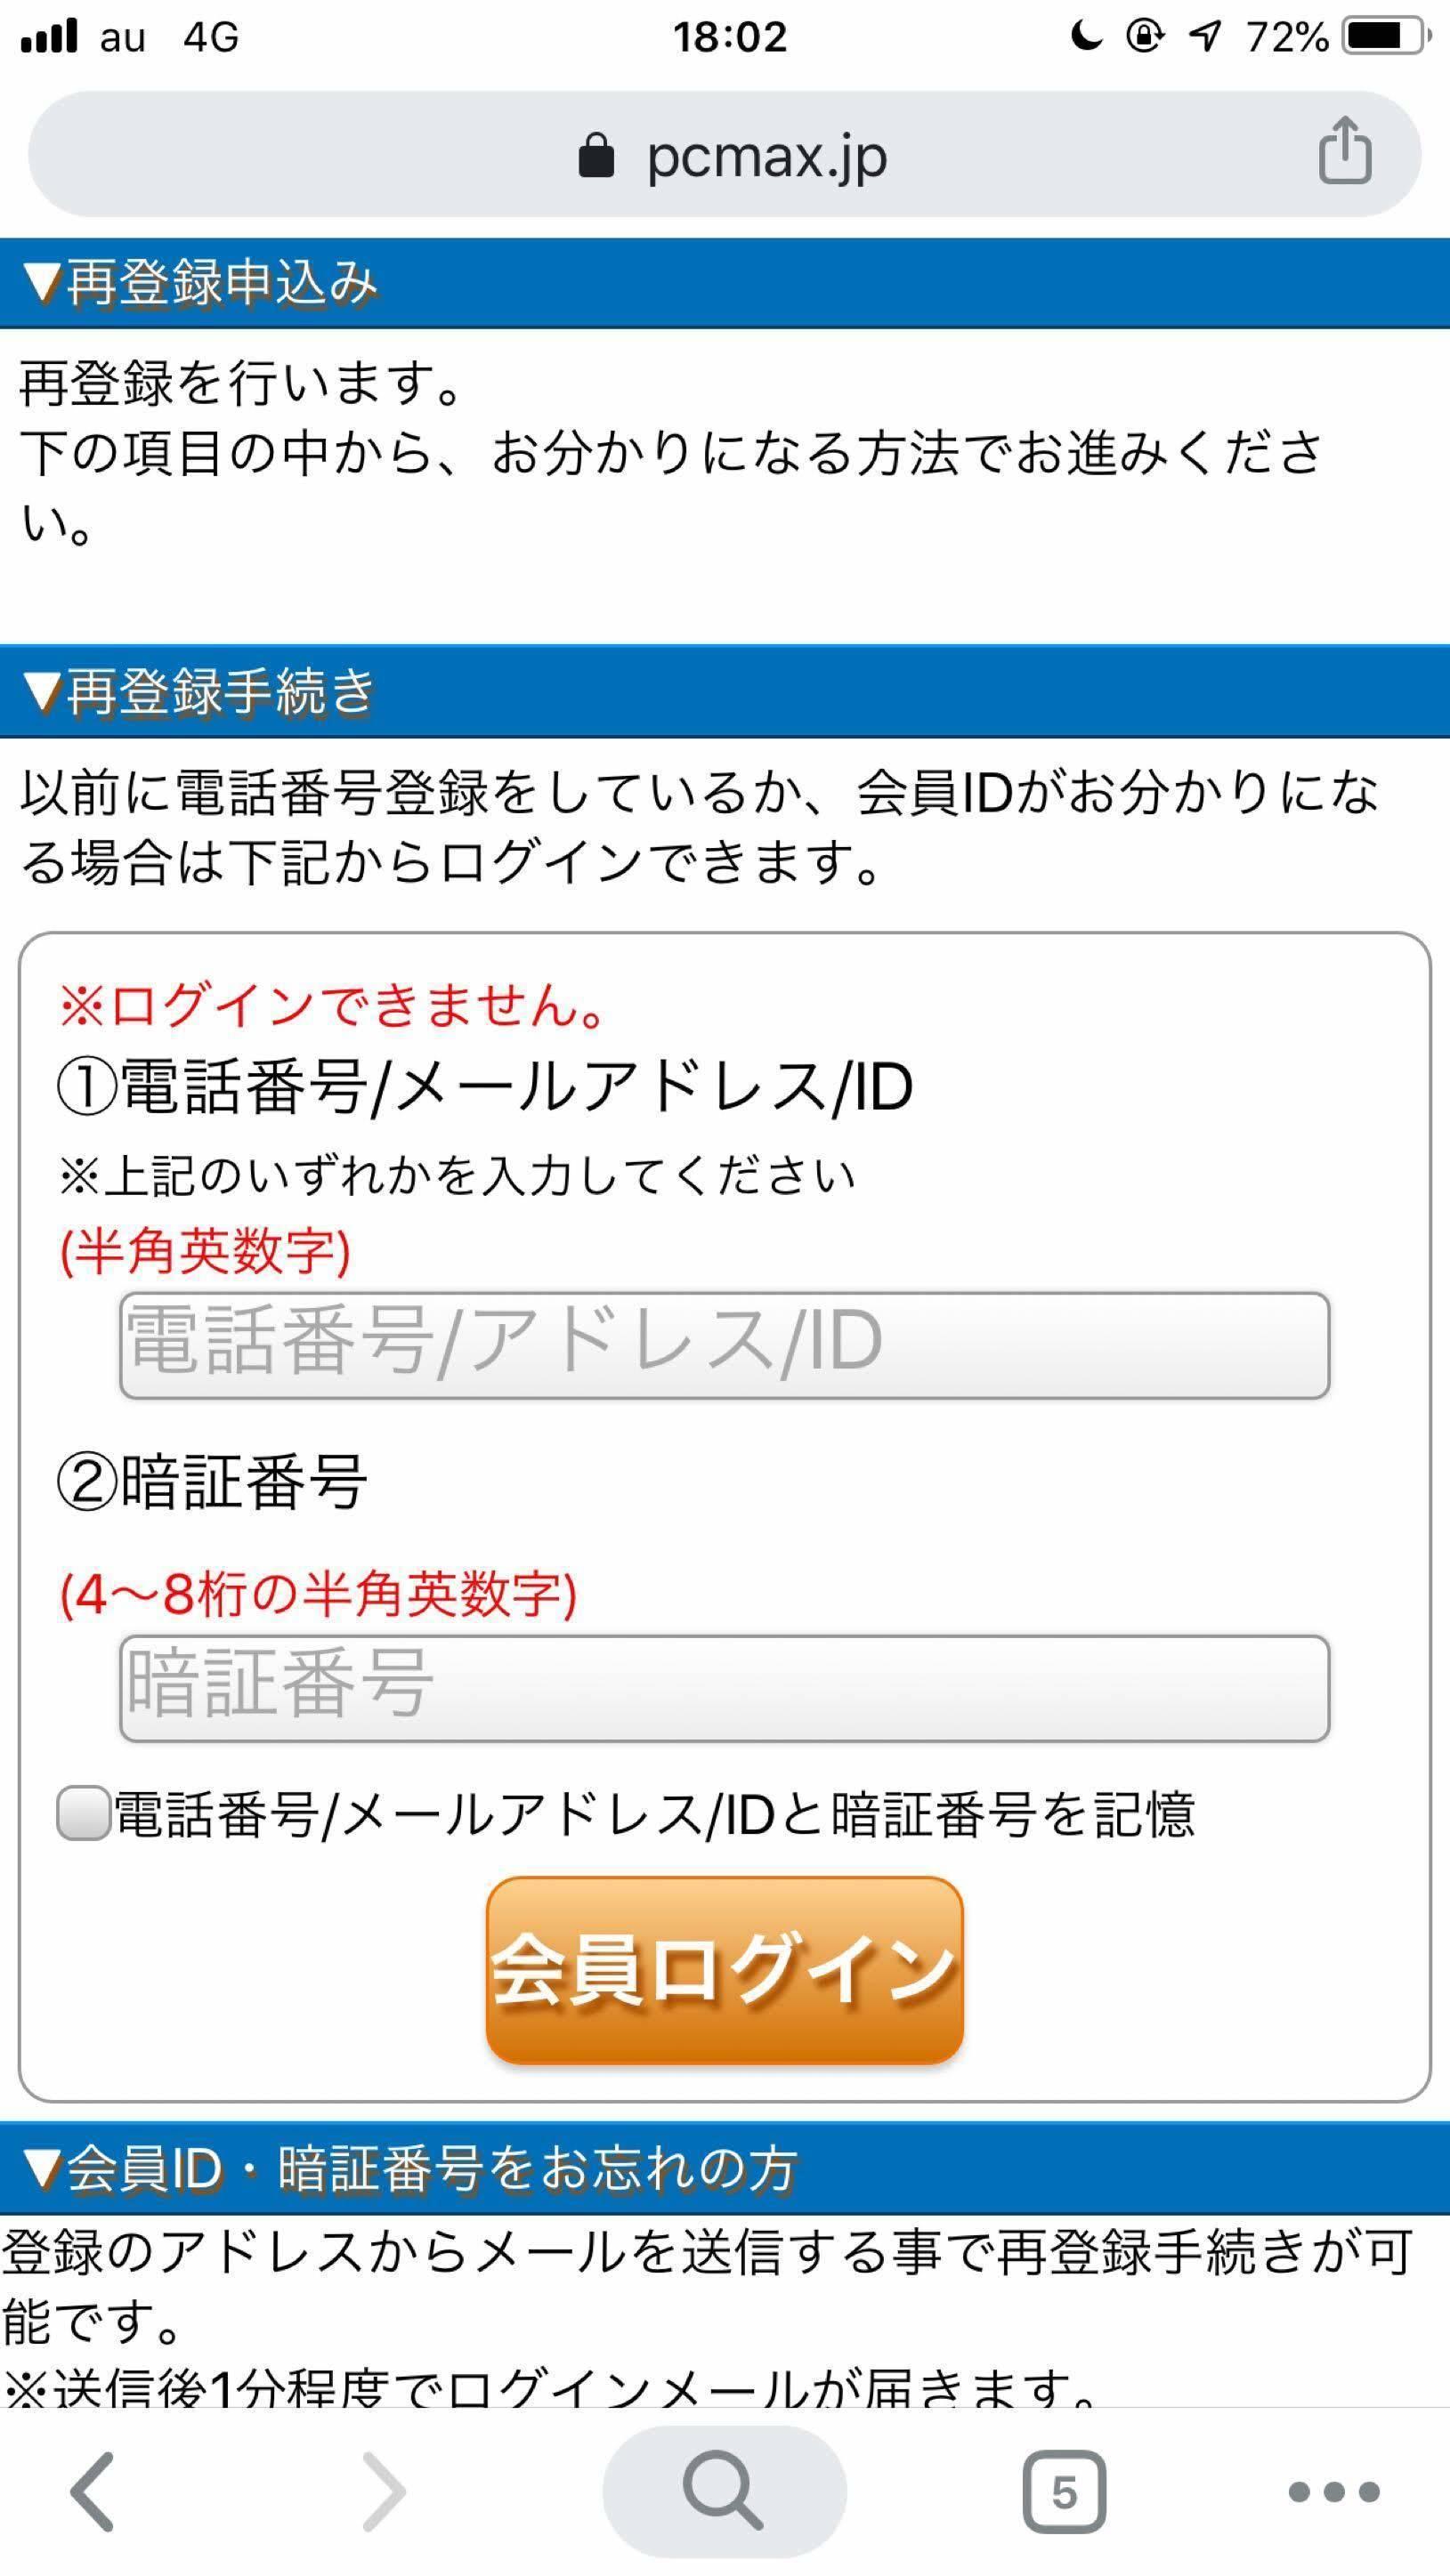 PC MAX(ピーシーマックス) 再登録手続き画面で再度情報入力をして完了